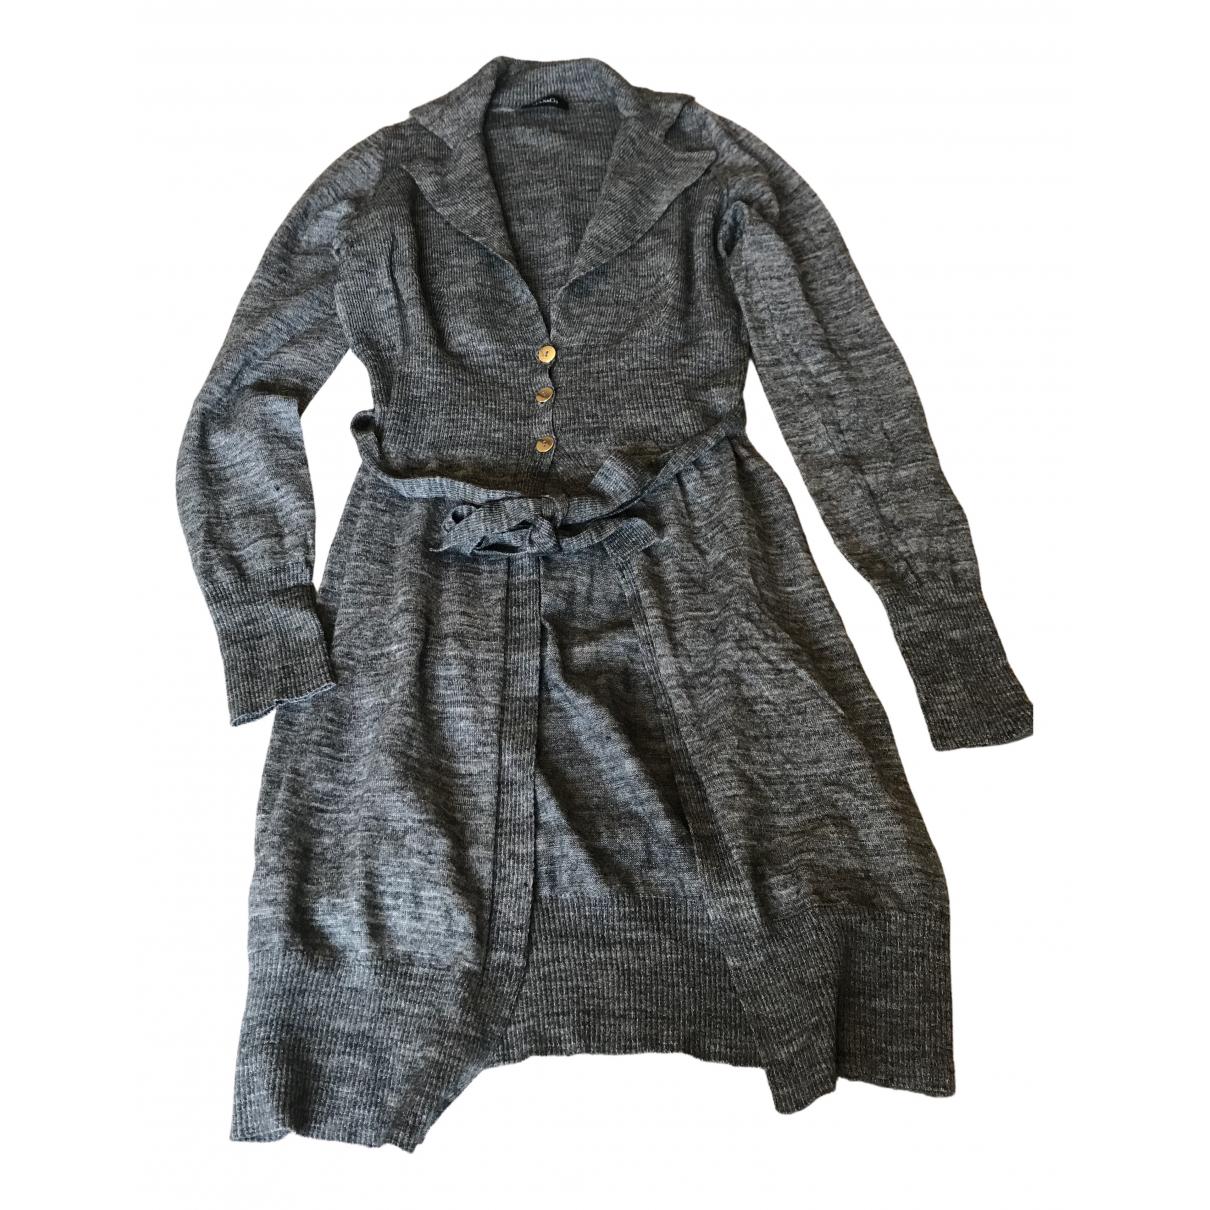 Max & Co N Grey Wool Knitwear for Women S International